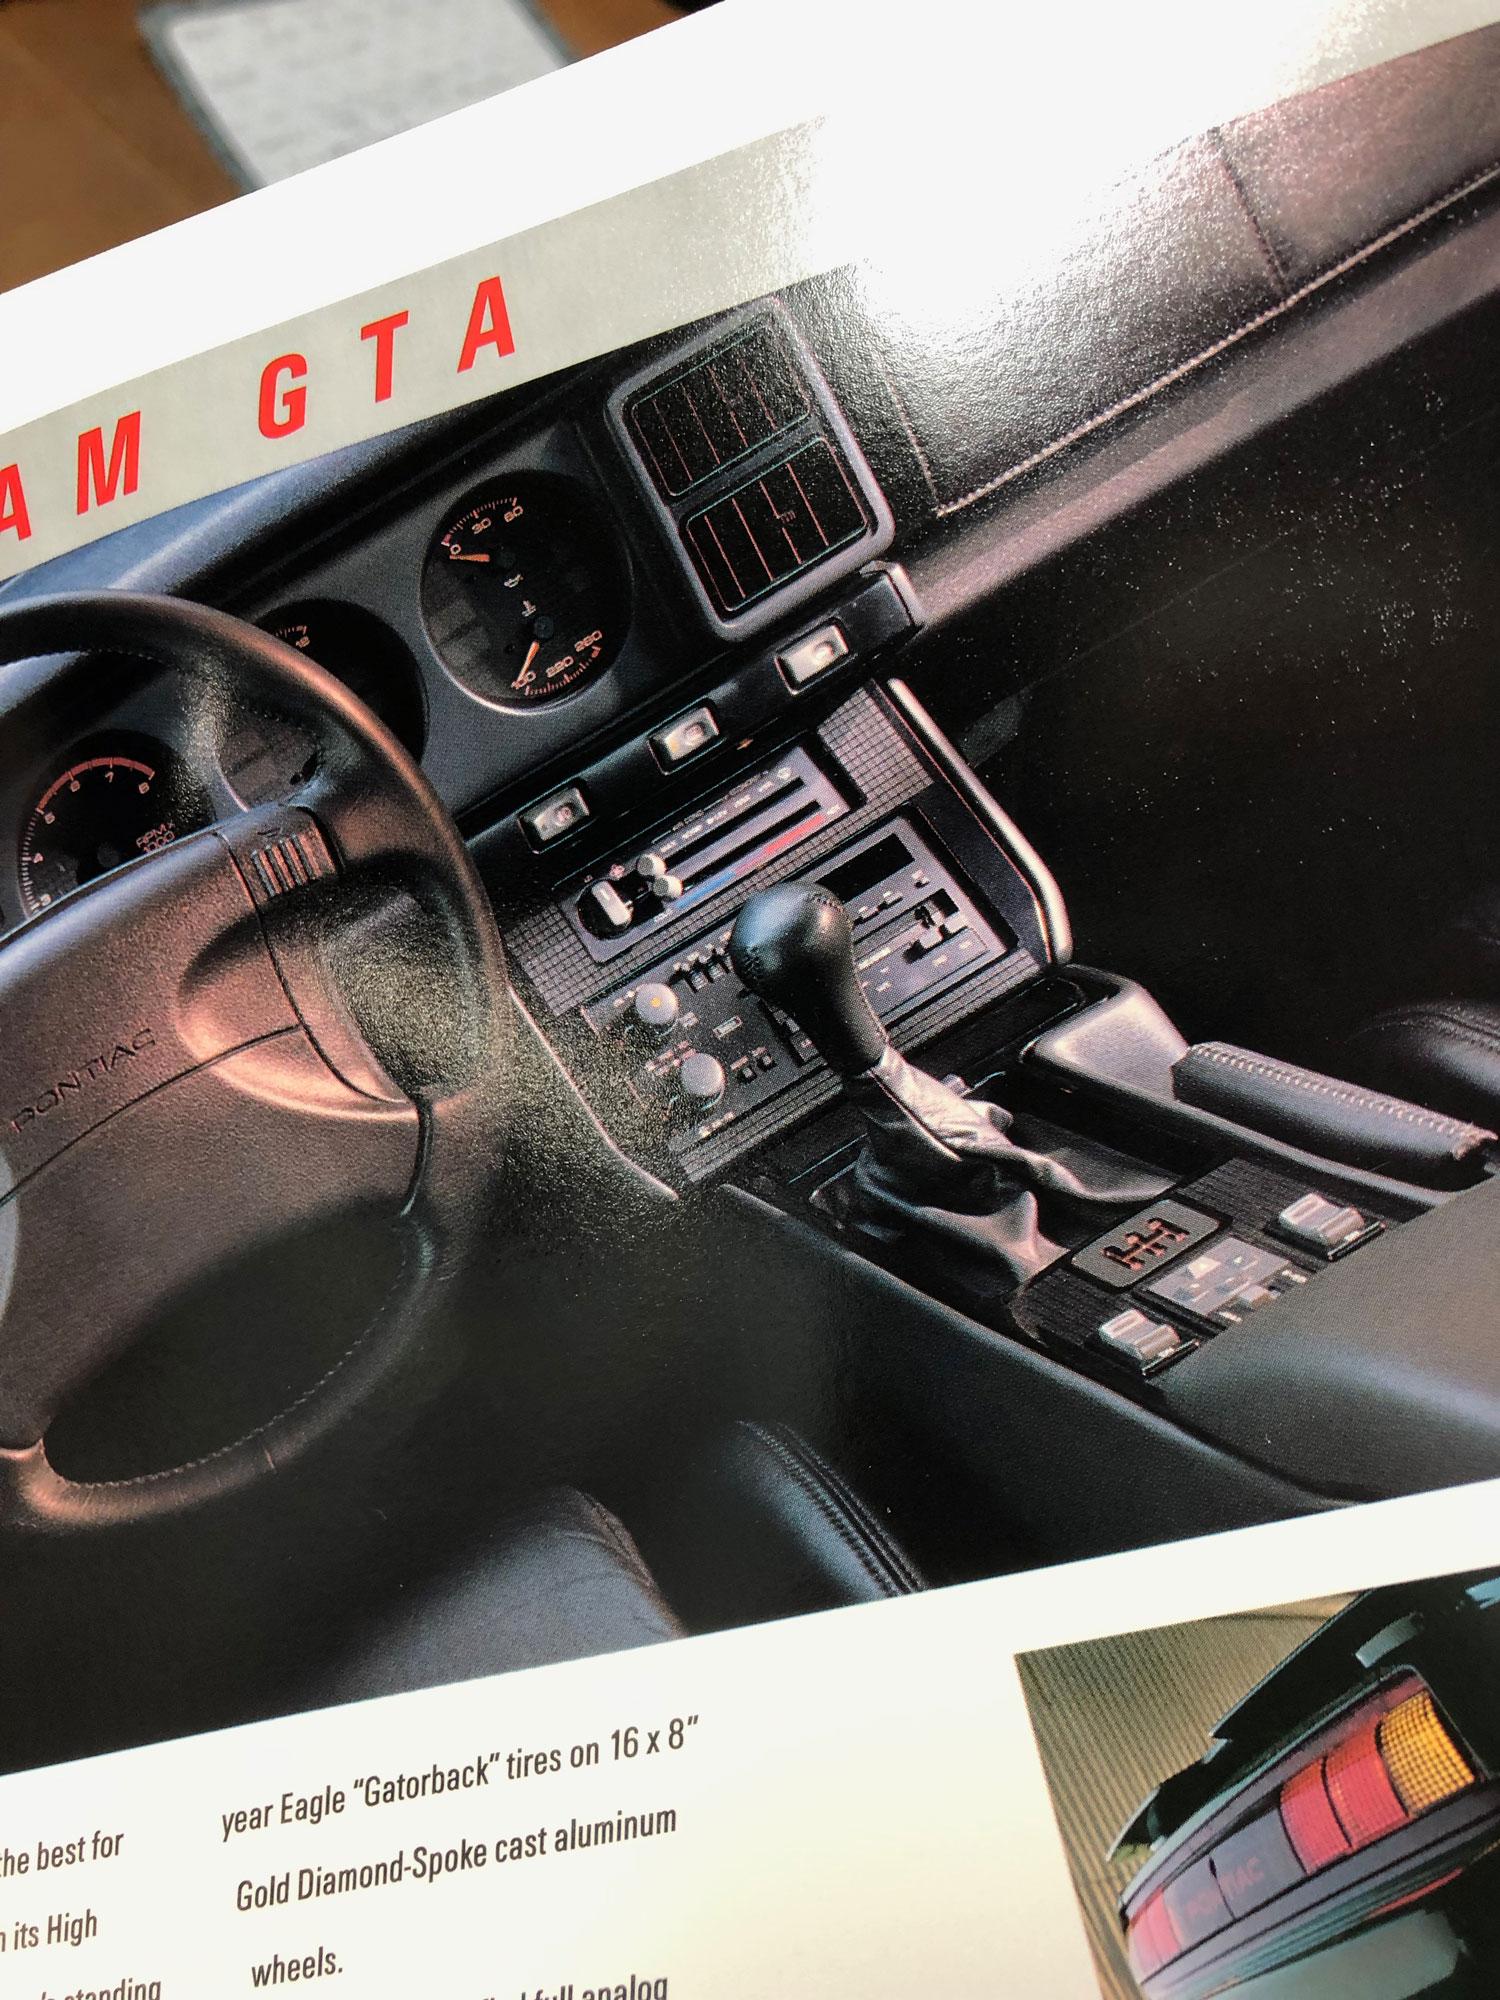 1991 Firebird Factory Brochure